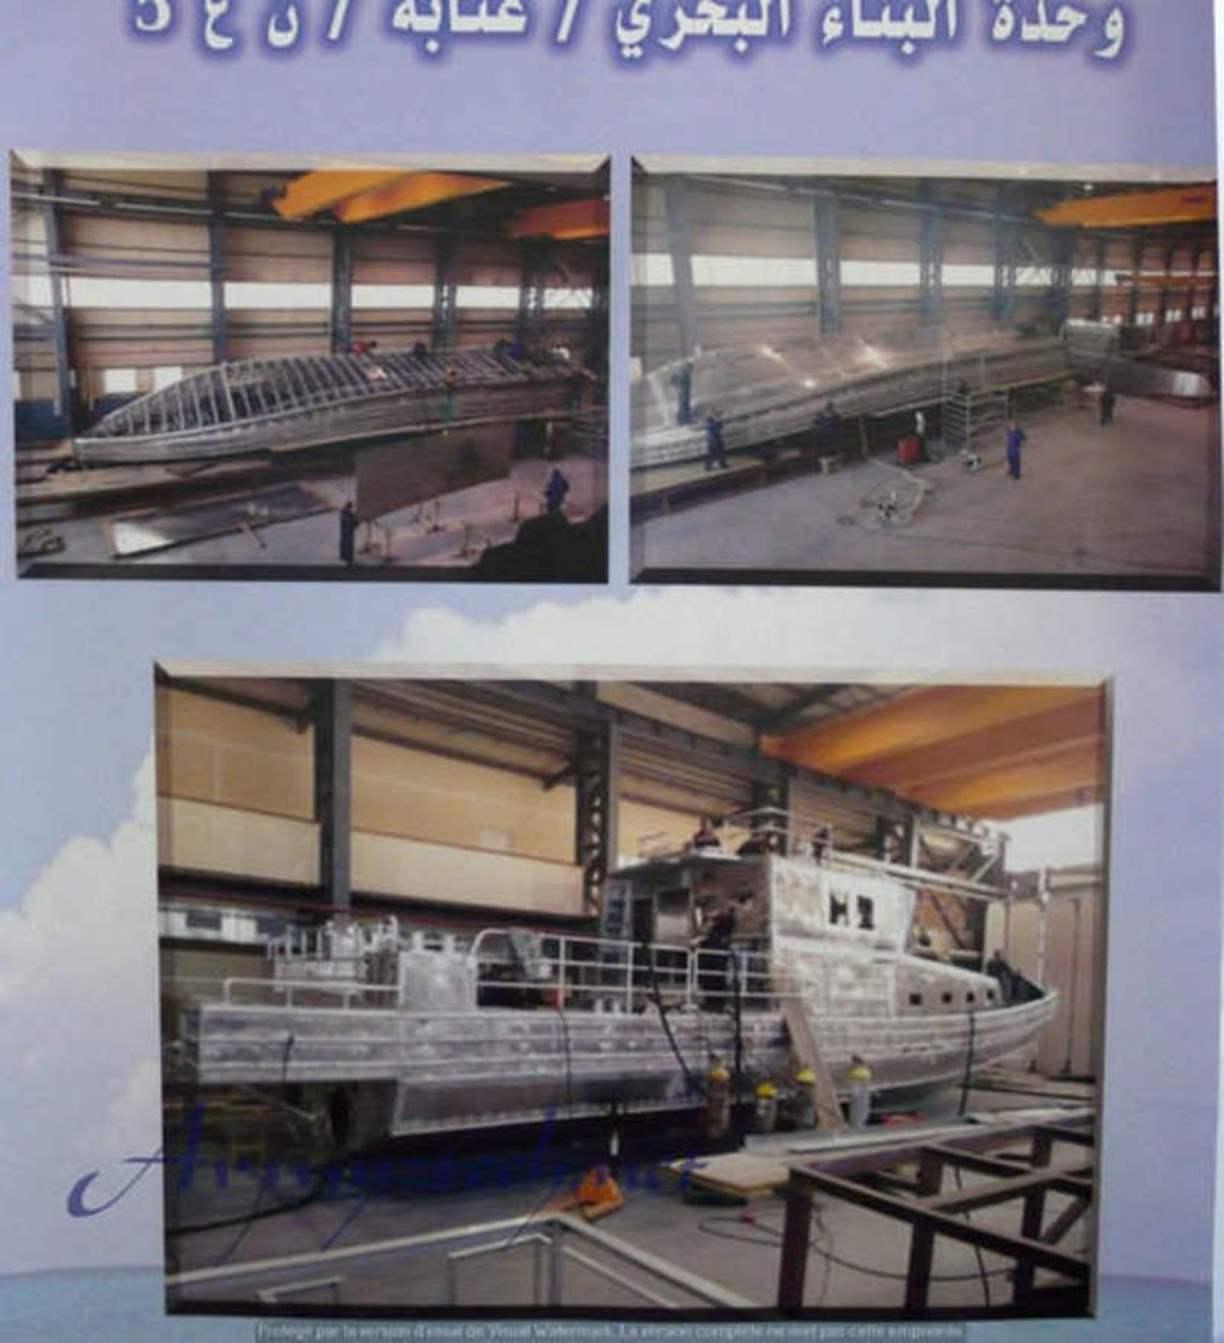 الصناعة البحرية العسكرية الجزائرية [ زوارق ] 33067735651_3fef34ac9a_o